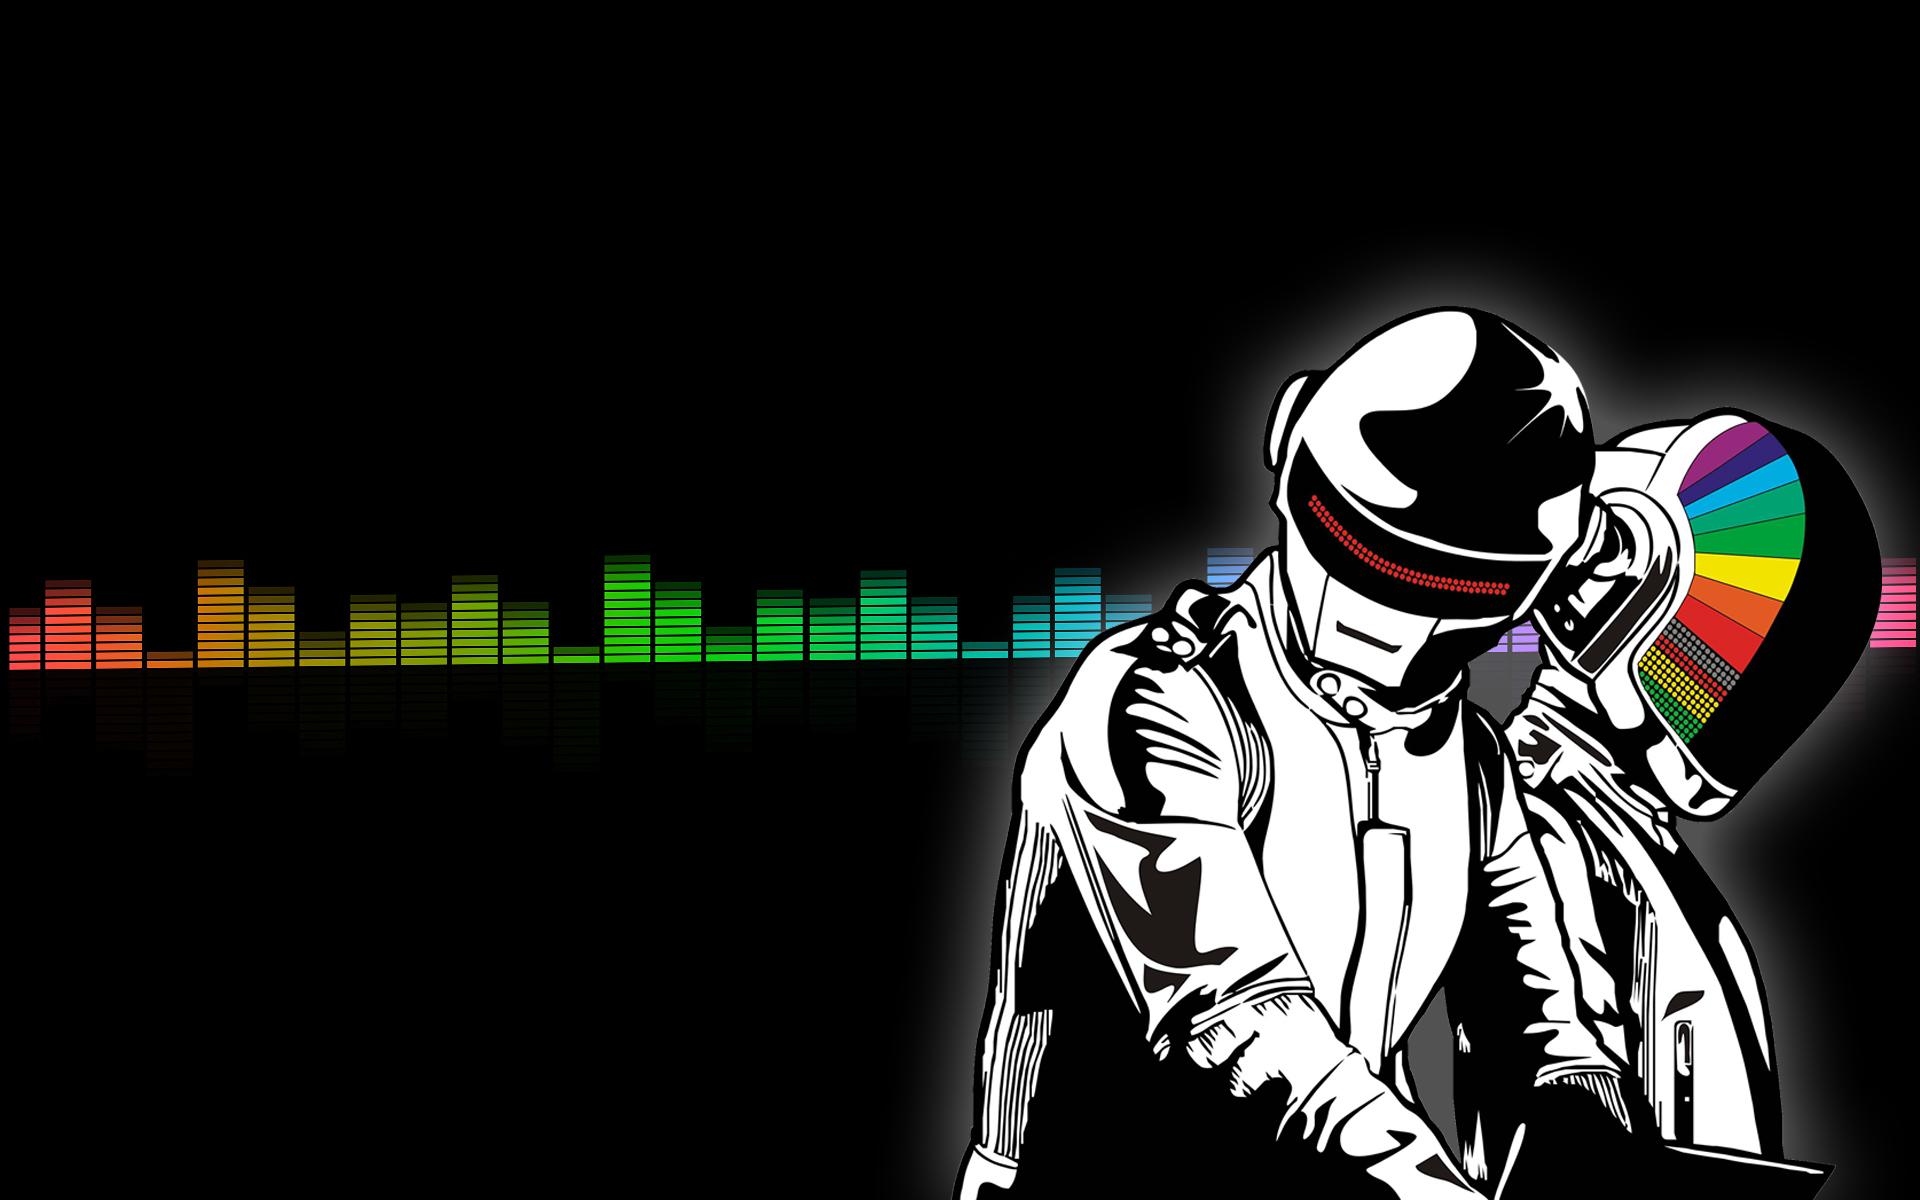 Illustration Joker Music Cartoon Dubstep DJ House Daft Punk Techno Drum And Bass Brian Dessert